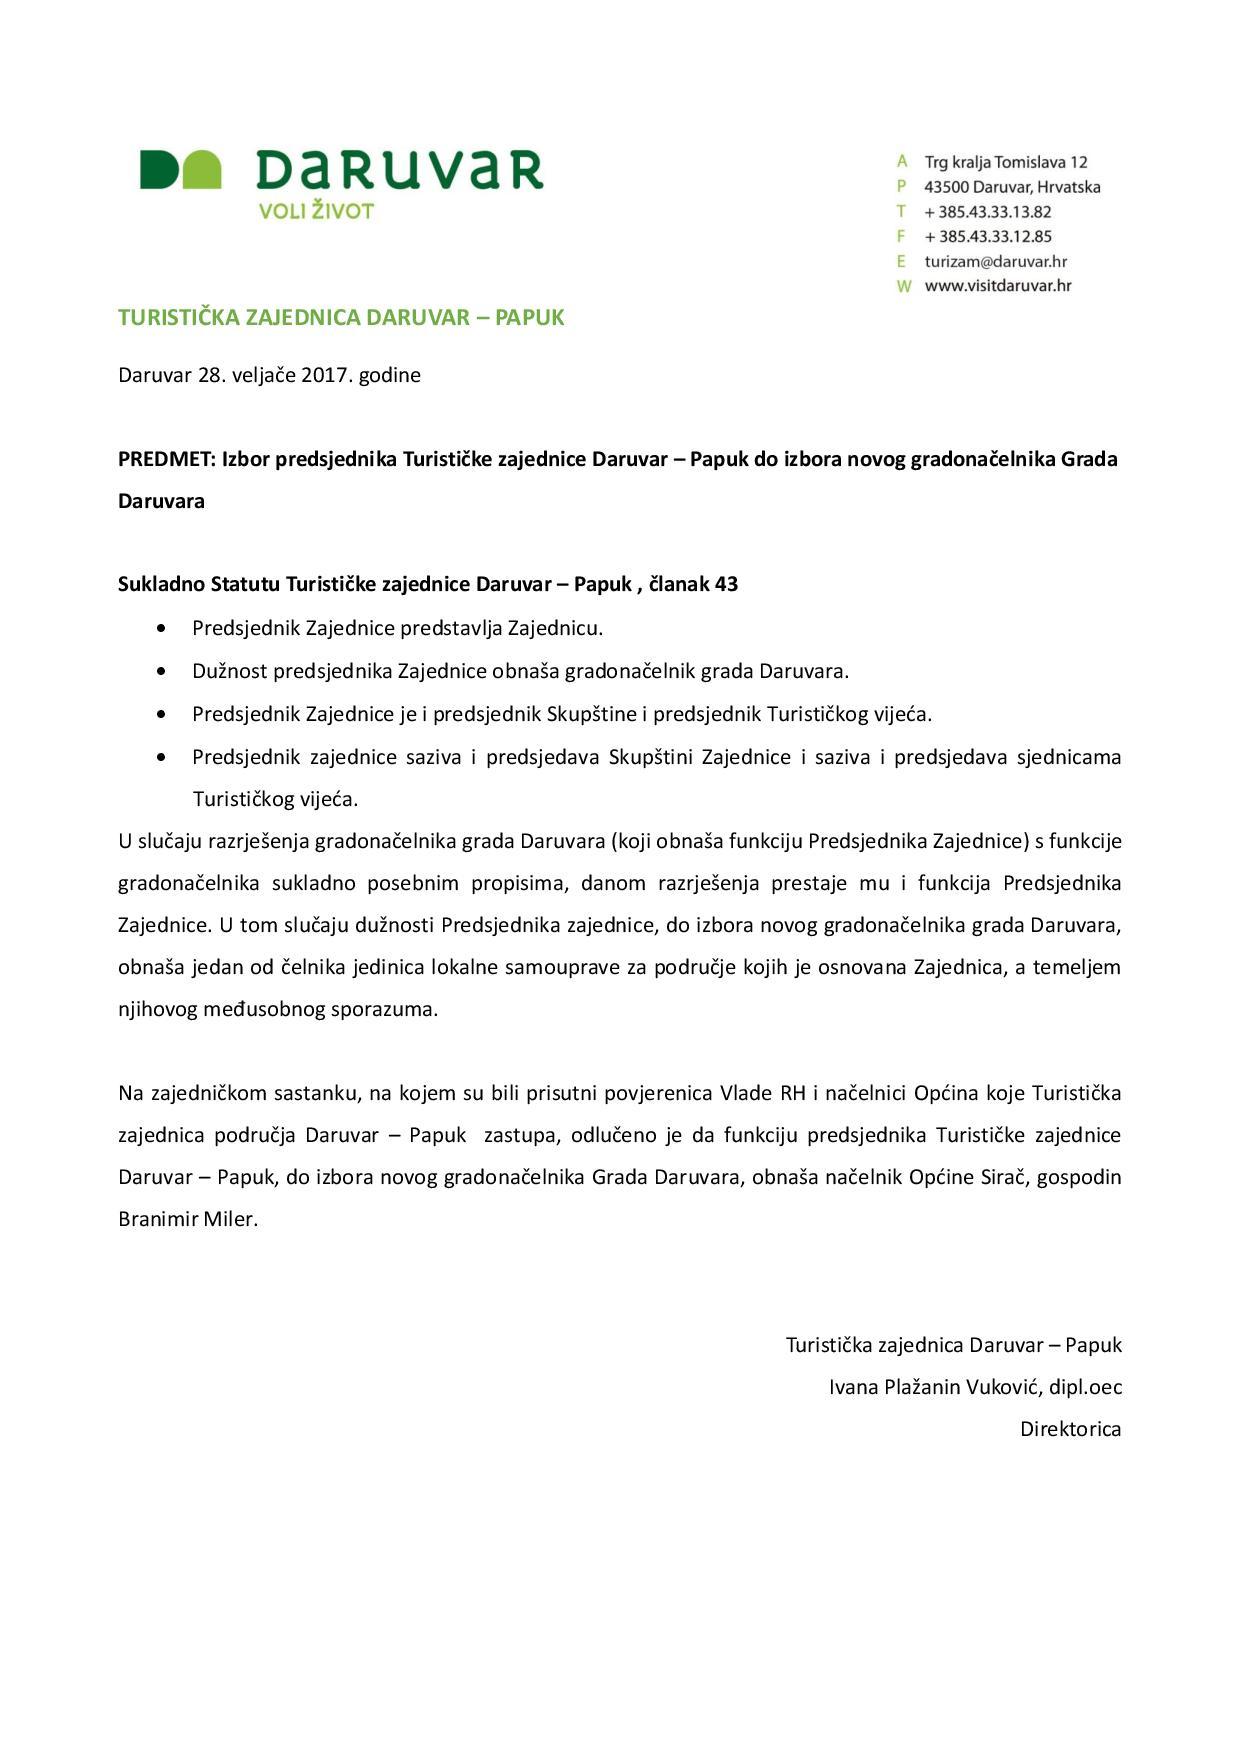 TZ D-P PREDSJEDNIK OBJAVA-page-001